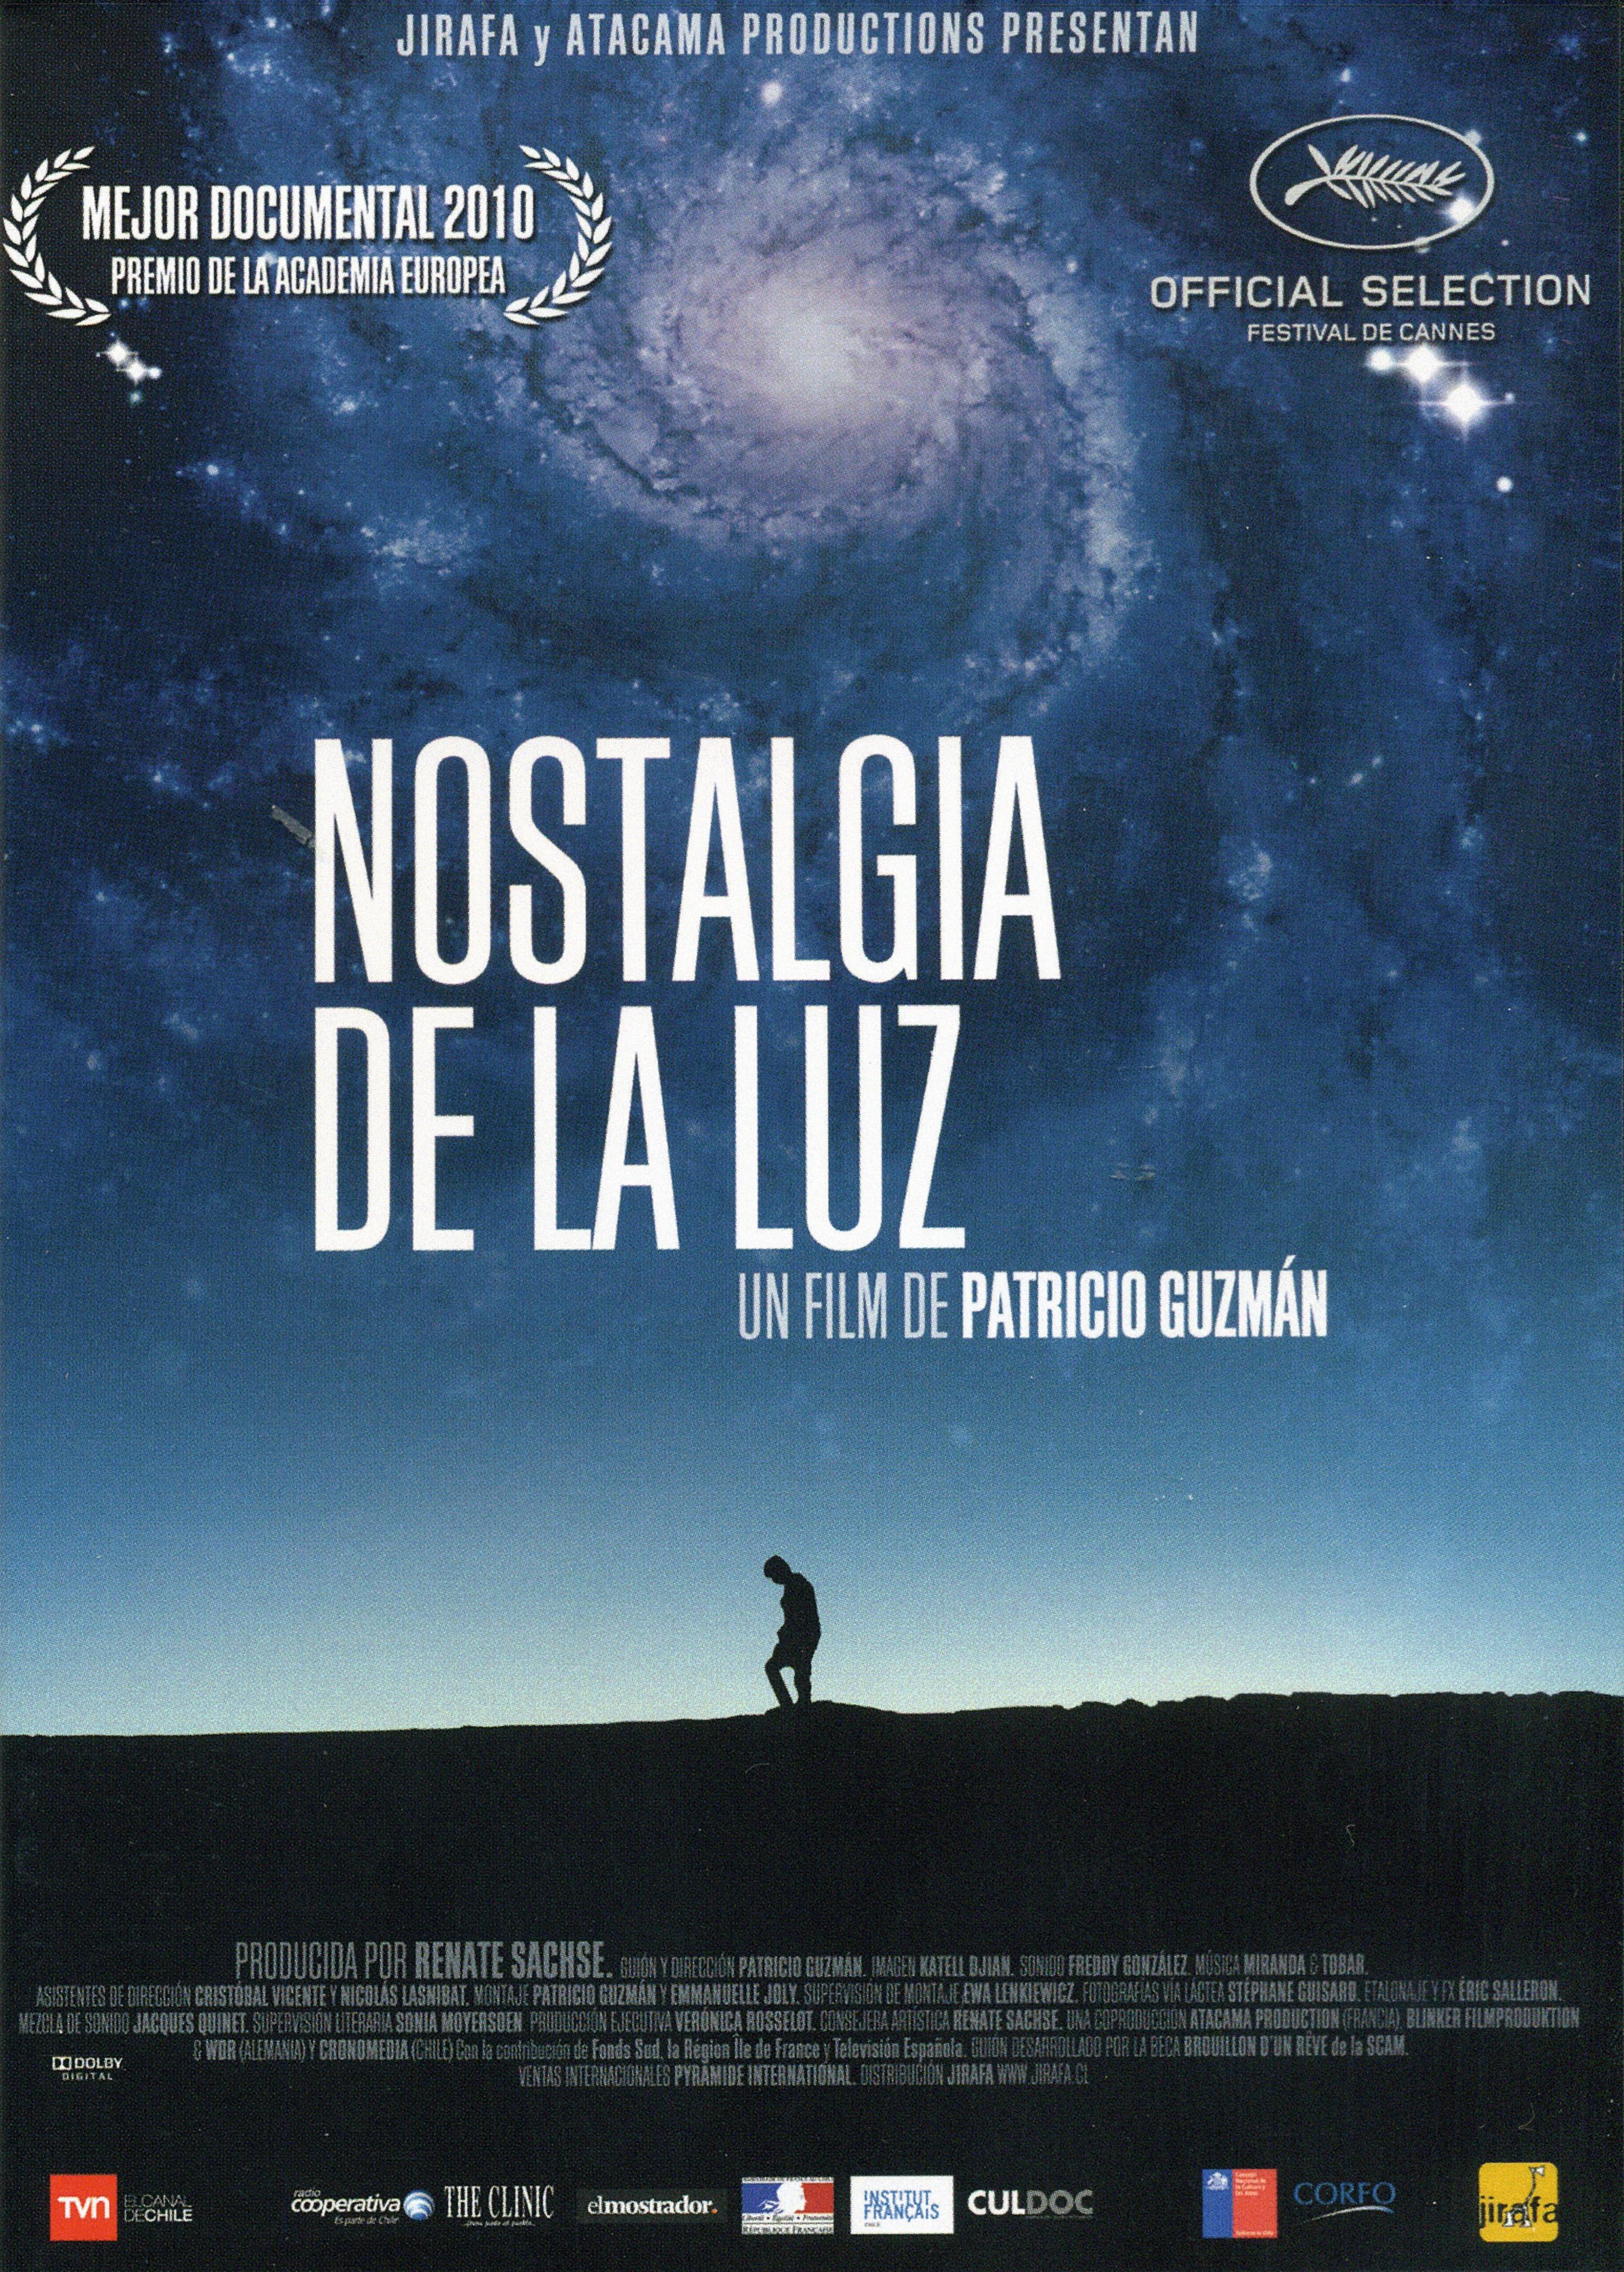 Cartel de Nostalgia de la luz, Patricio Guzmán, 2010.